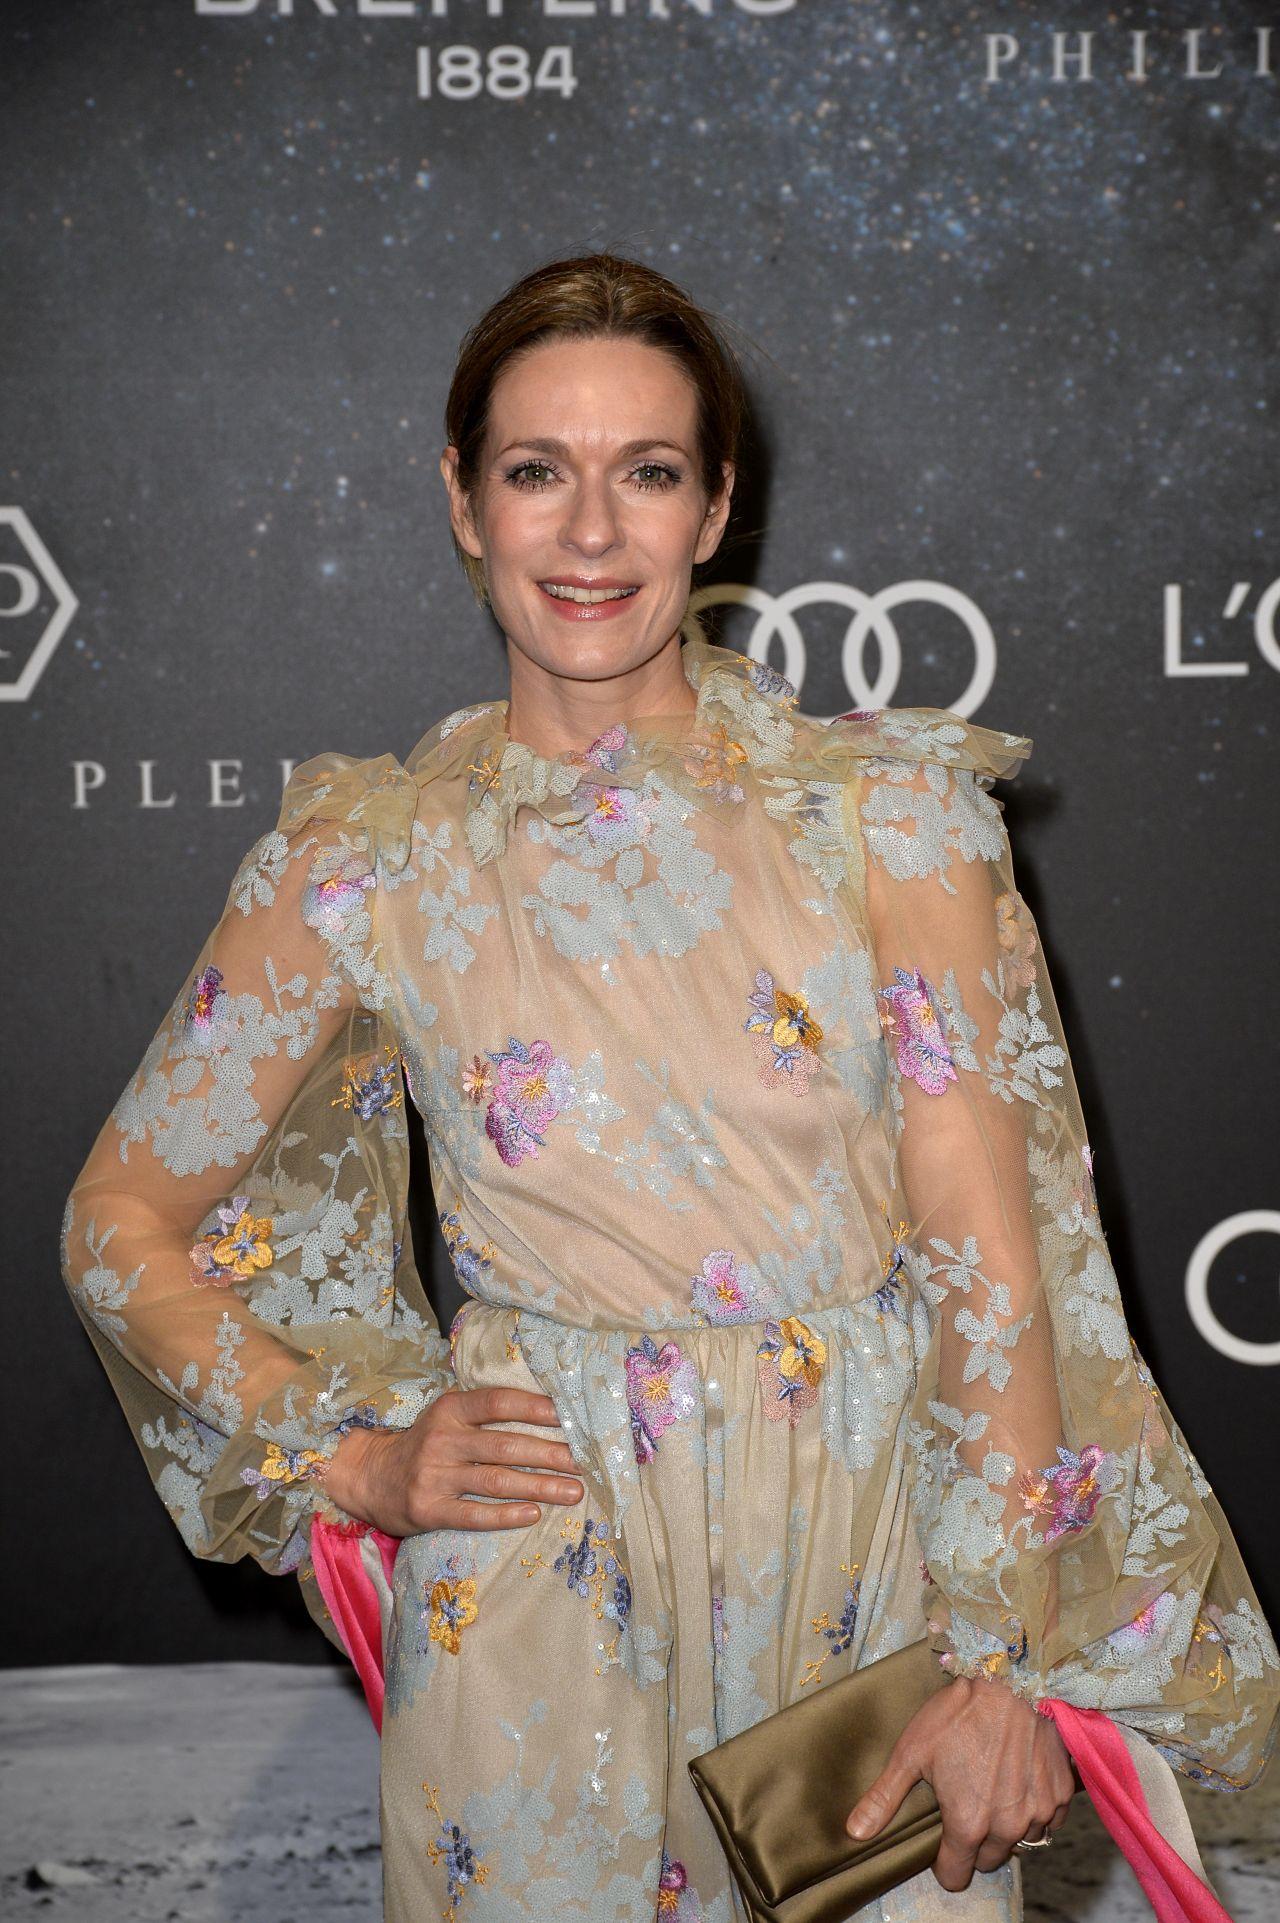 Lisa martinek saskia diez dorothee schumacher show mercedes benz fashion week in berlin new picture